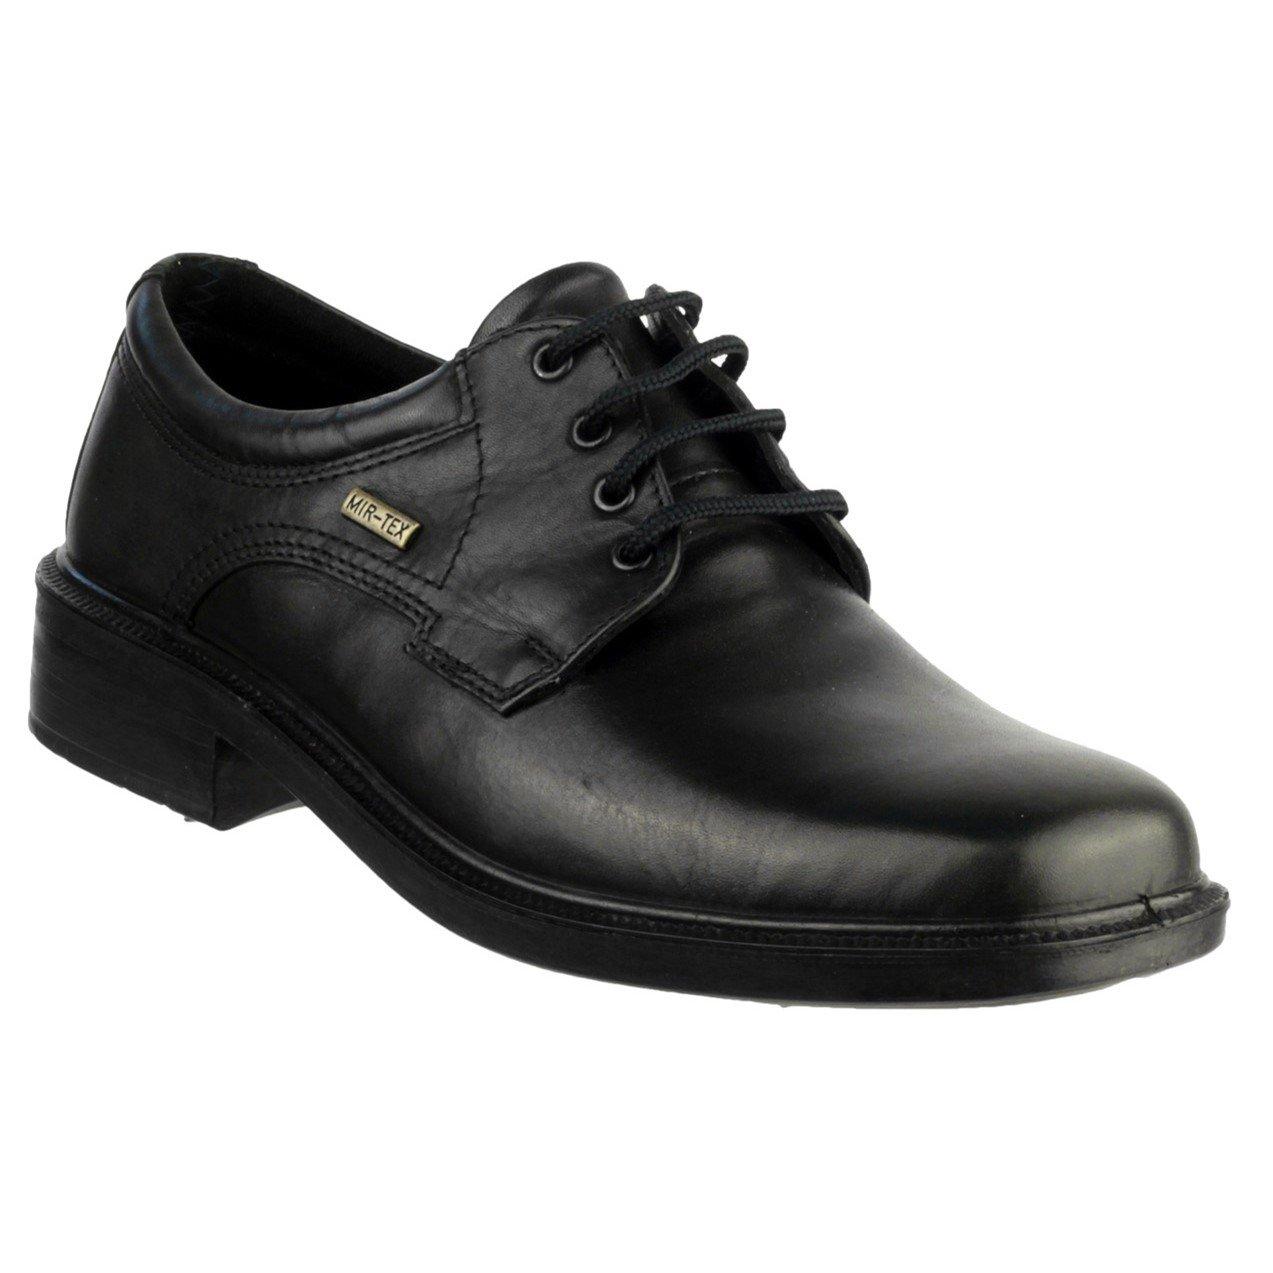 Cotswold Men's Sudeley Waterproof Shoe Various Colours 32970 - Black 8